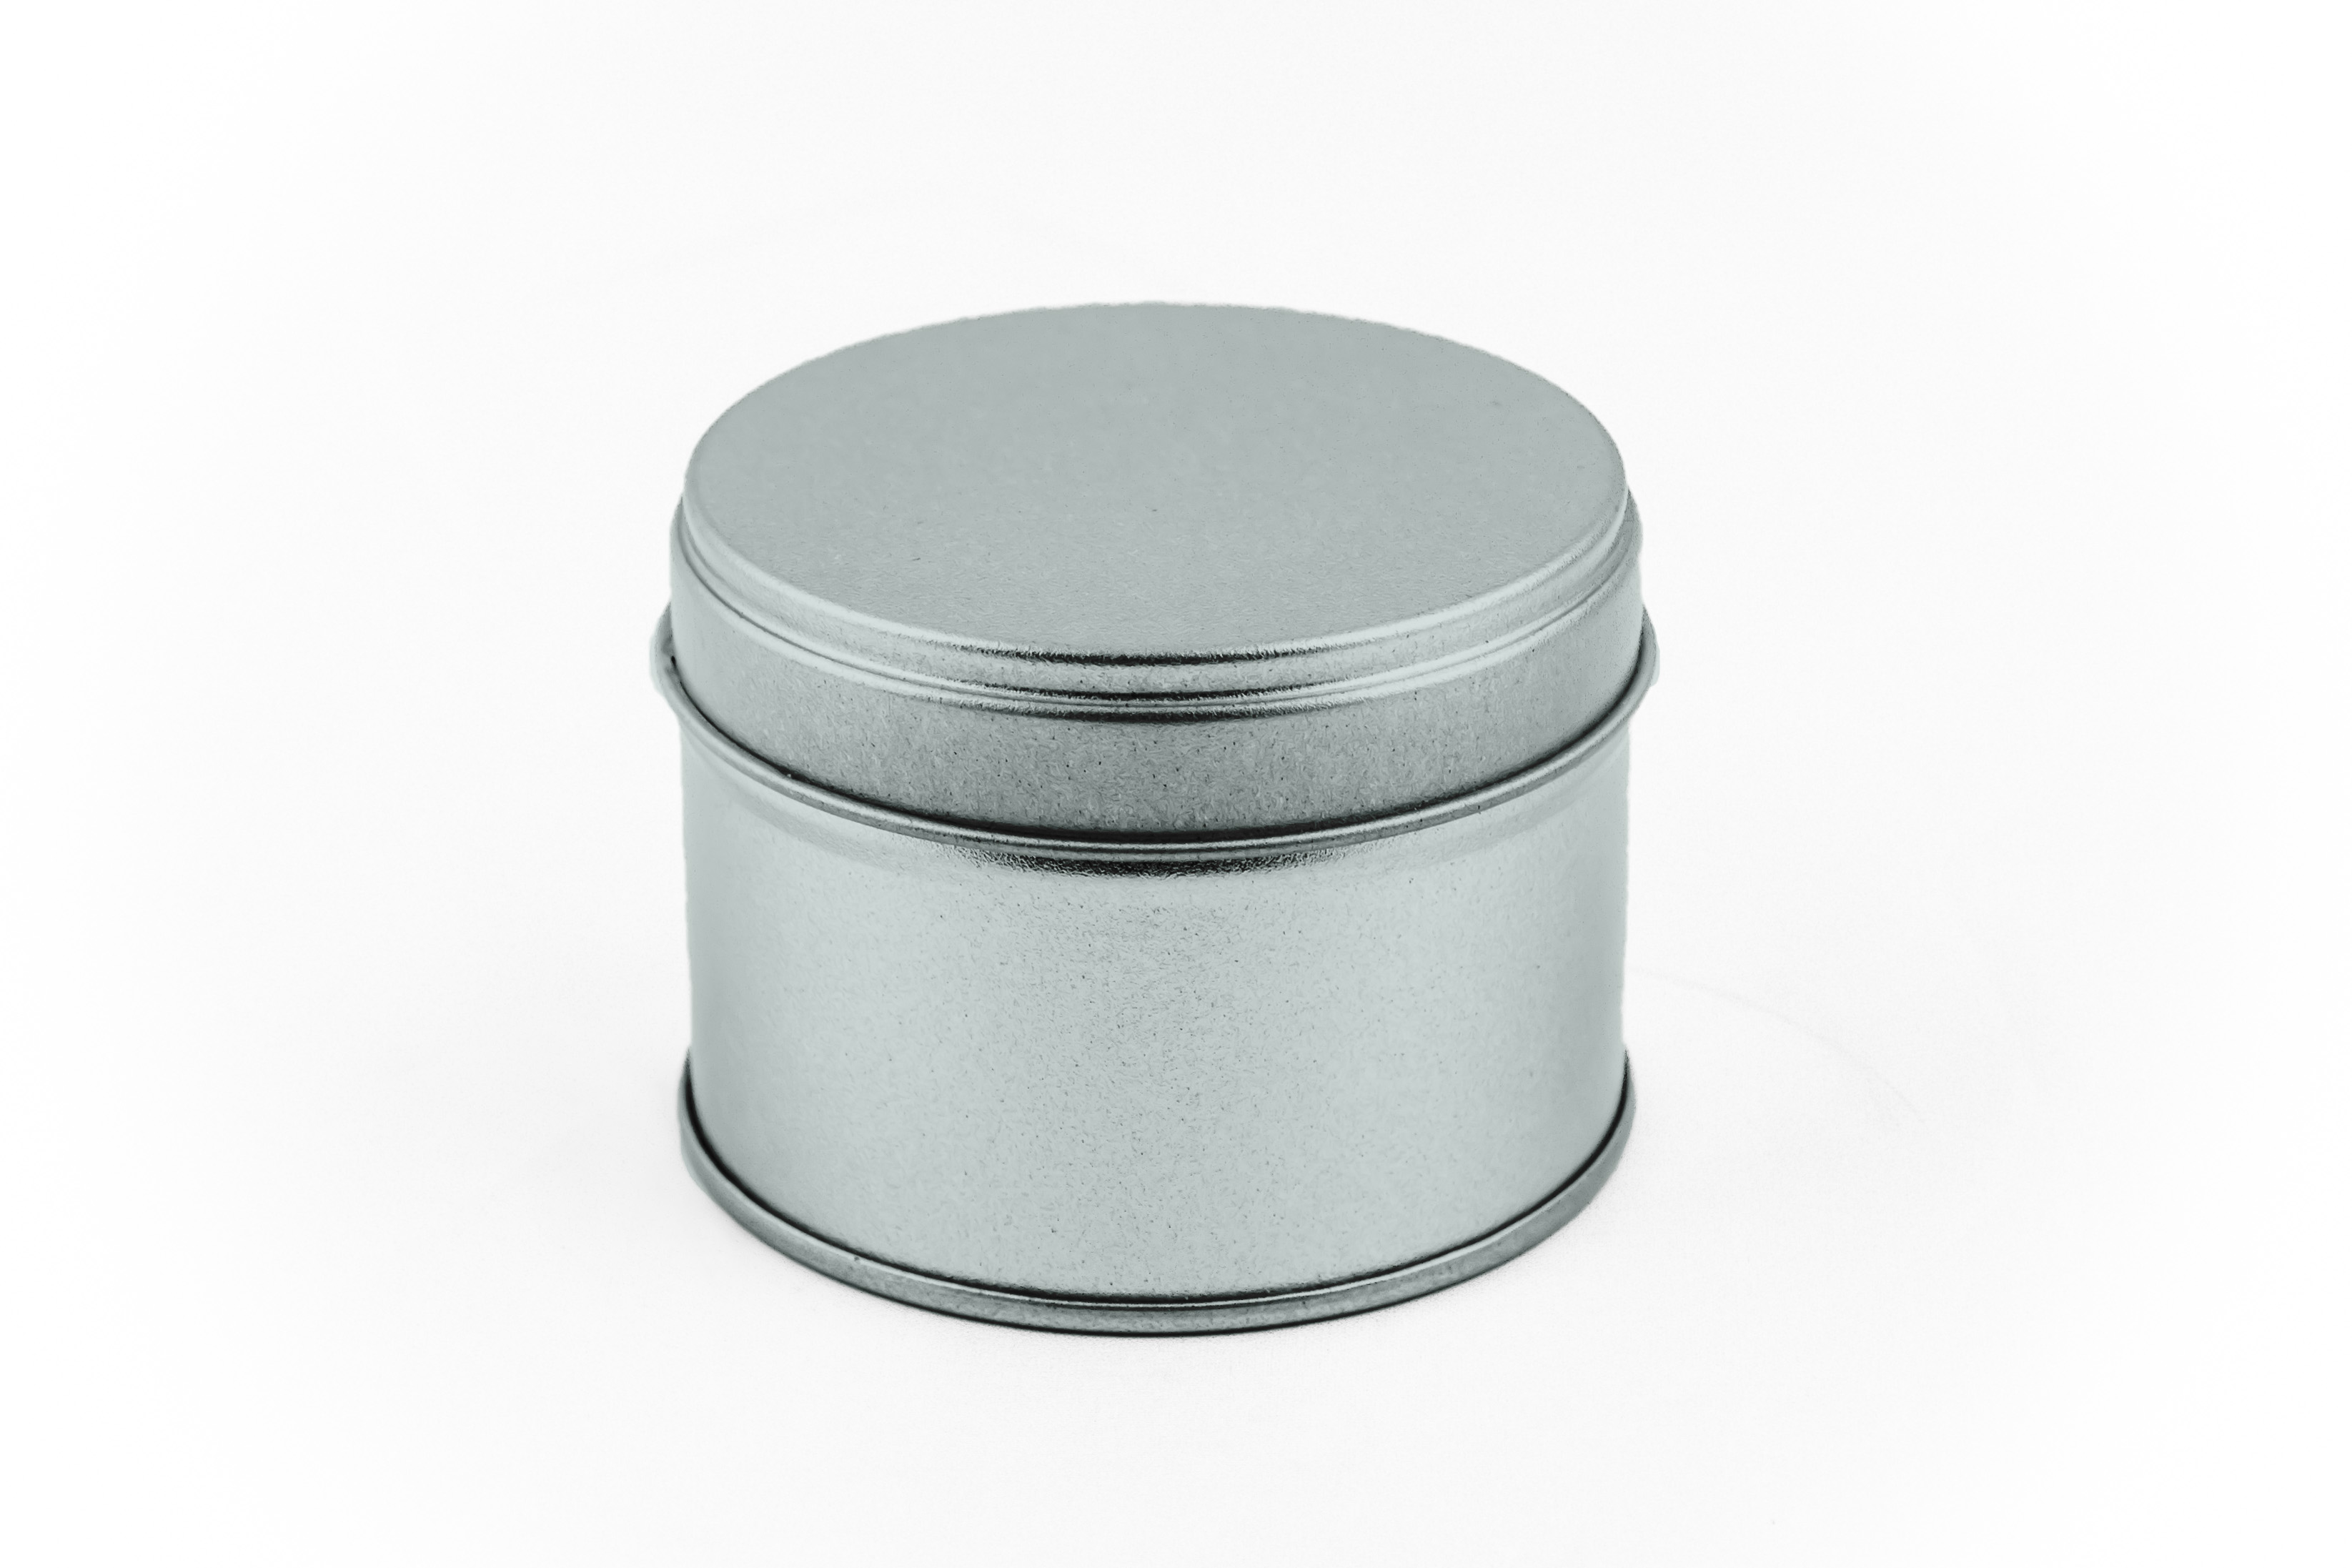 Gewürzdose Aromaverschluss MINI mit folienlaminierter Innen- und Außenseite